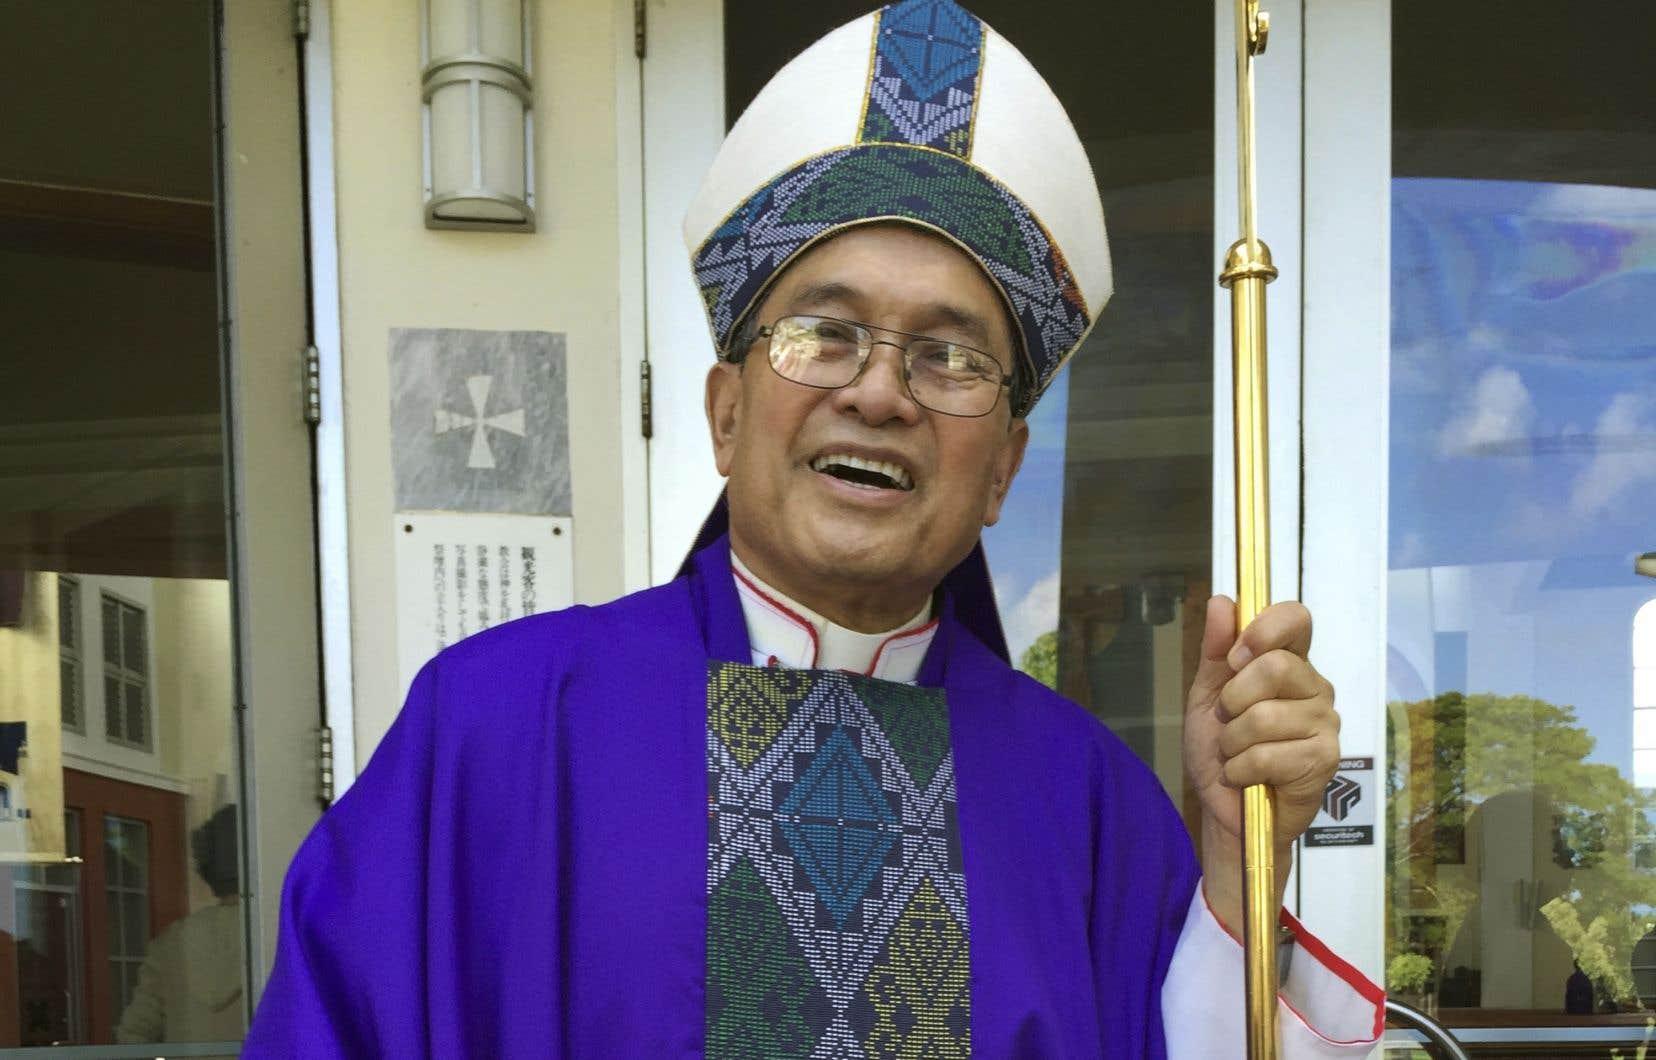 L'archevêque de Guam, Mgr Anthony Apuron, 73 ans, a été définitivement reconnu coupable d'agressions sexuelles contre des mineurs.